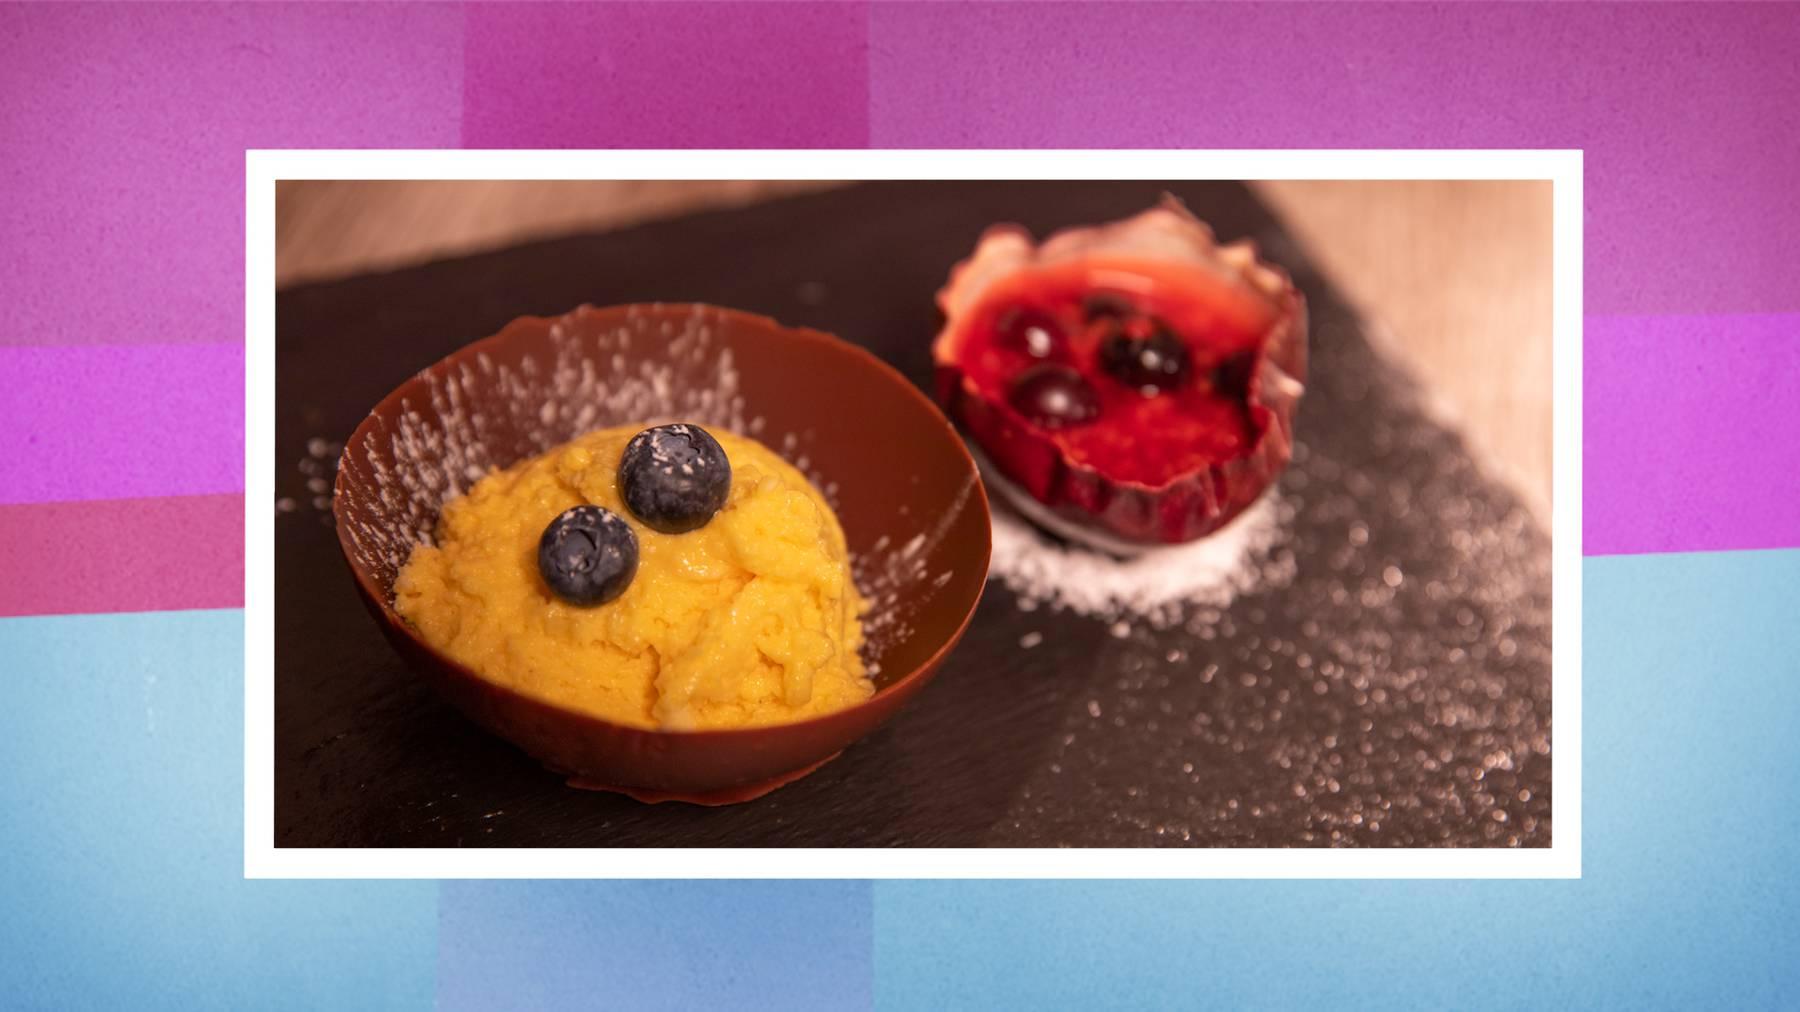 Das Dessert: Passionsfrucht-Mousse unter Schokoladendom mit warmer Beerensauce.